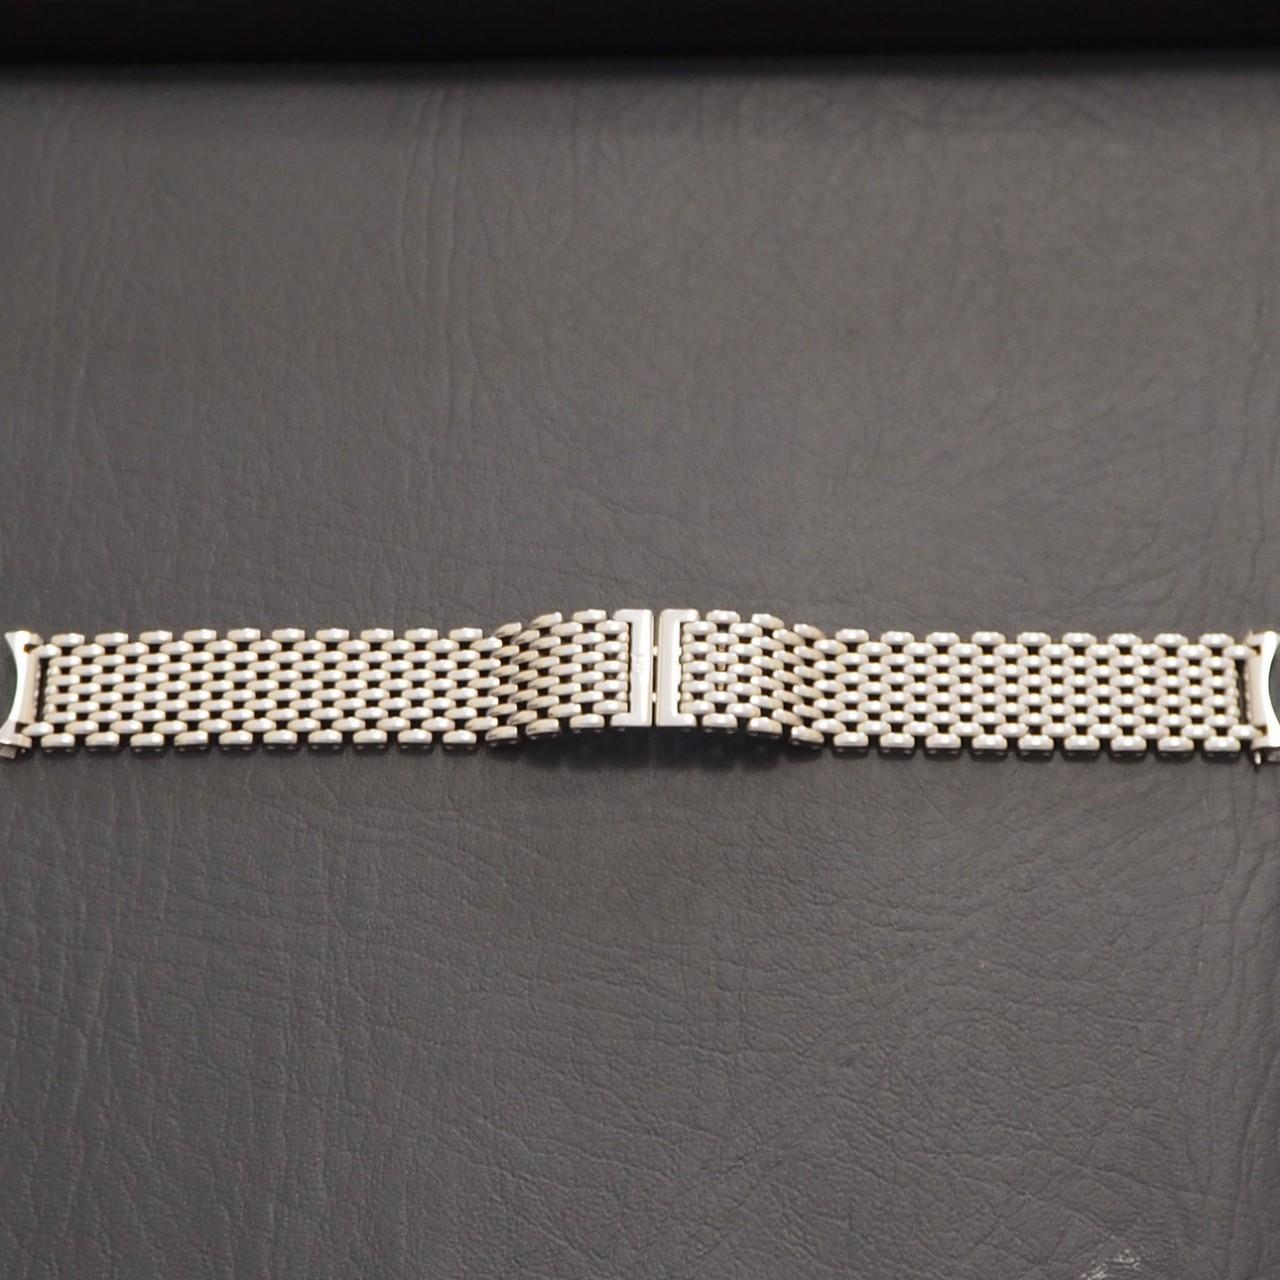 IWC Stahlband für MARK, Faltschließe 17mm